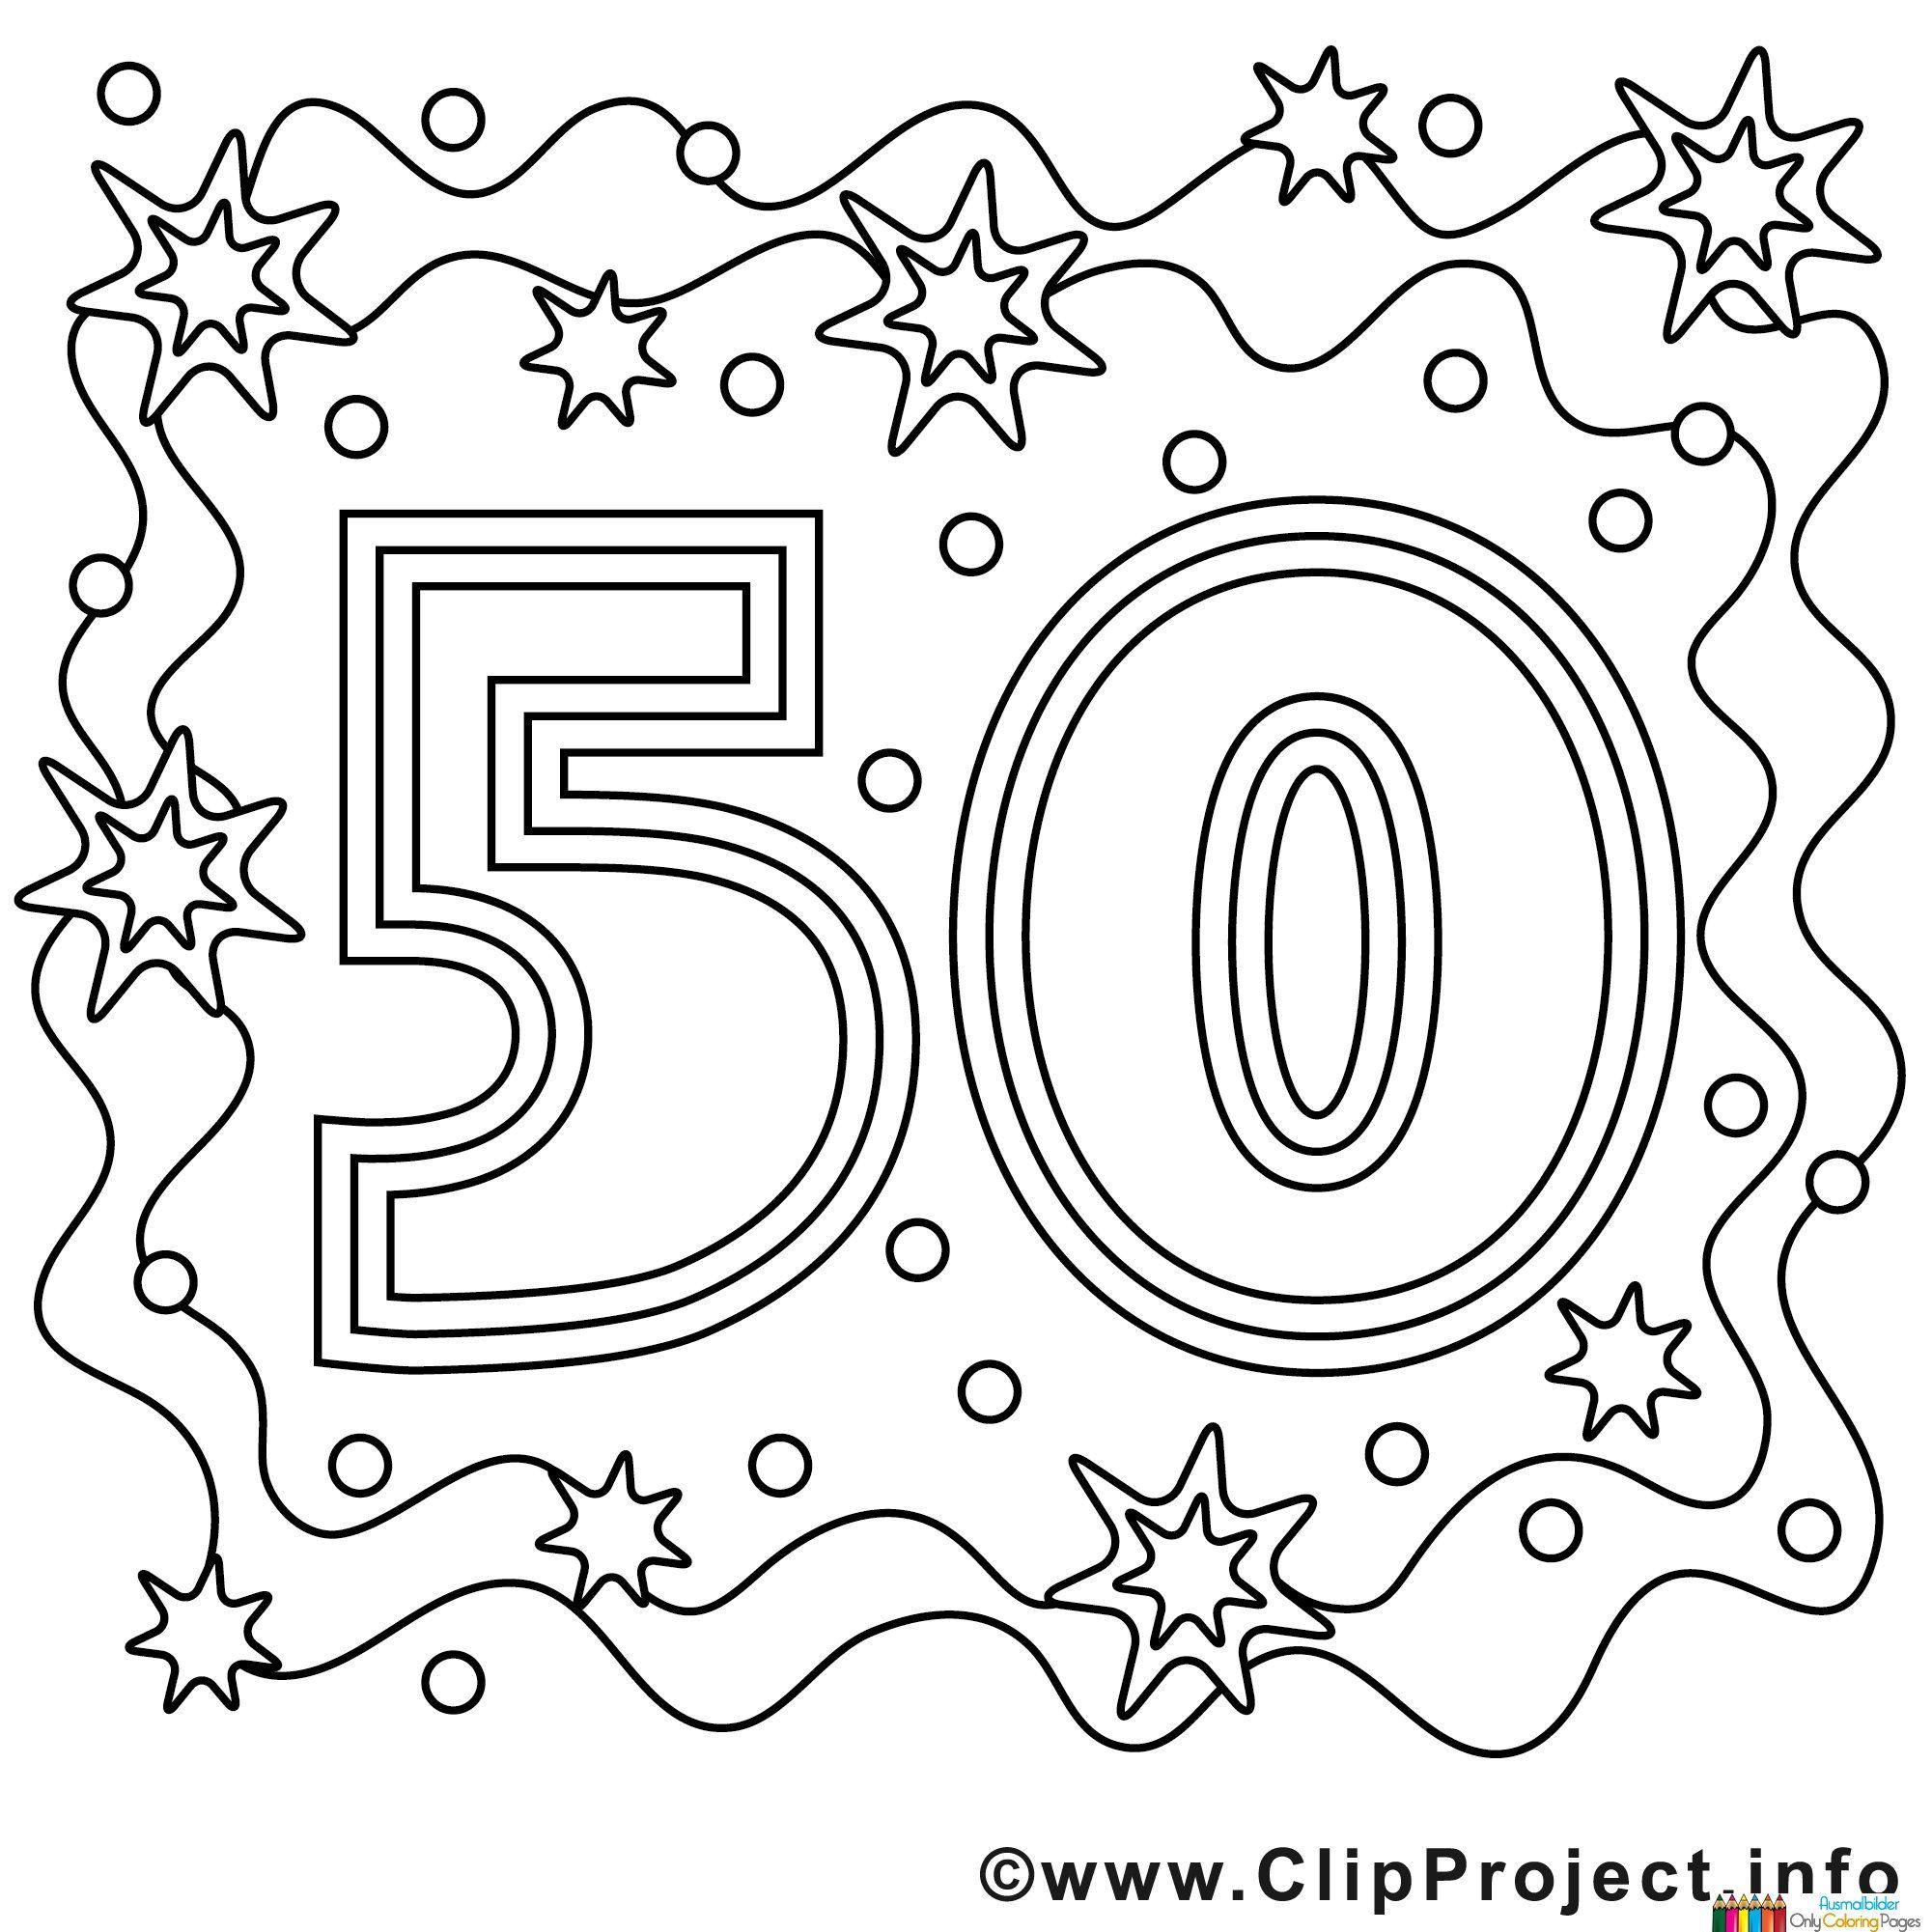 Ausmalbilder 40. Geburtstag : Ausmalbild Zum 50 Geburtstag 50 Geburtstag Pinterest Zum 50